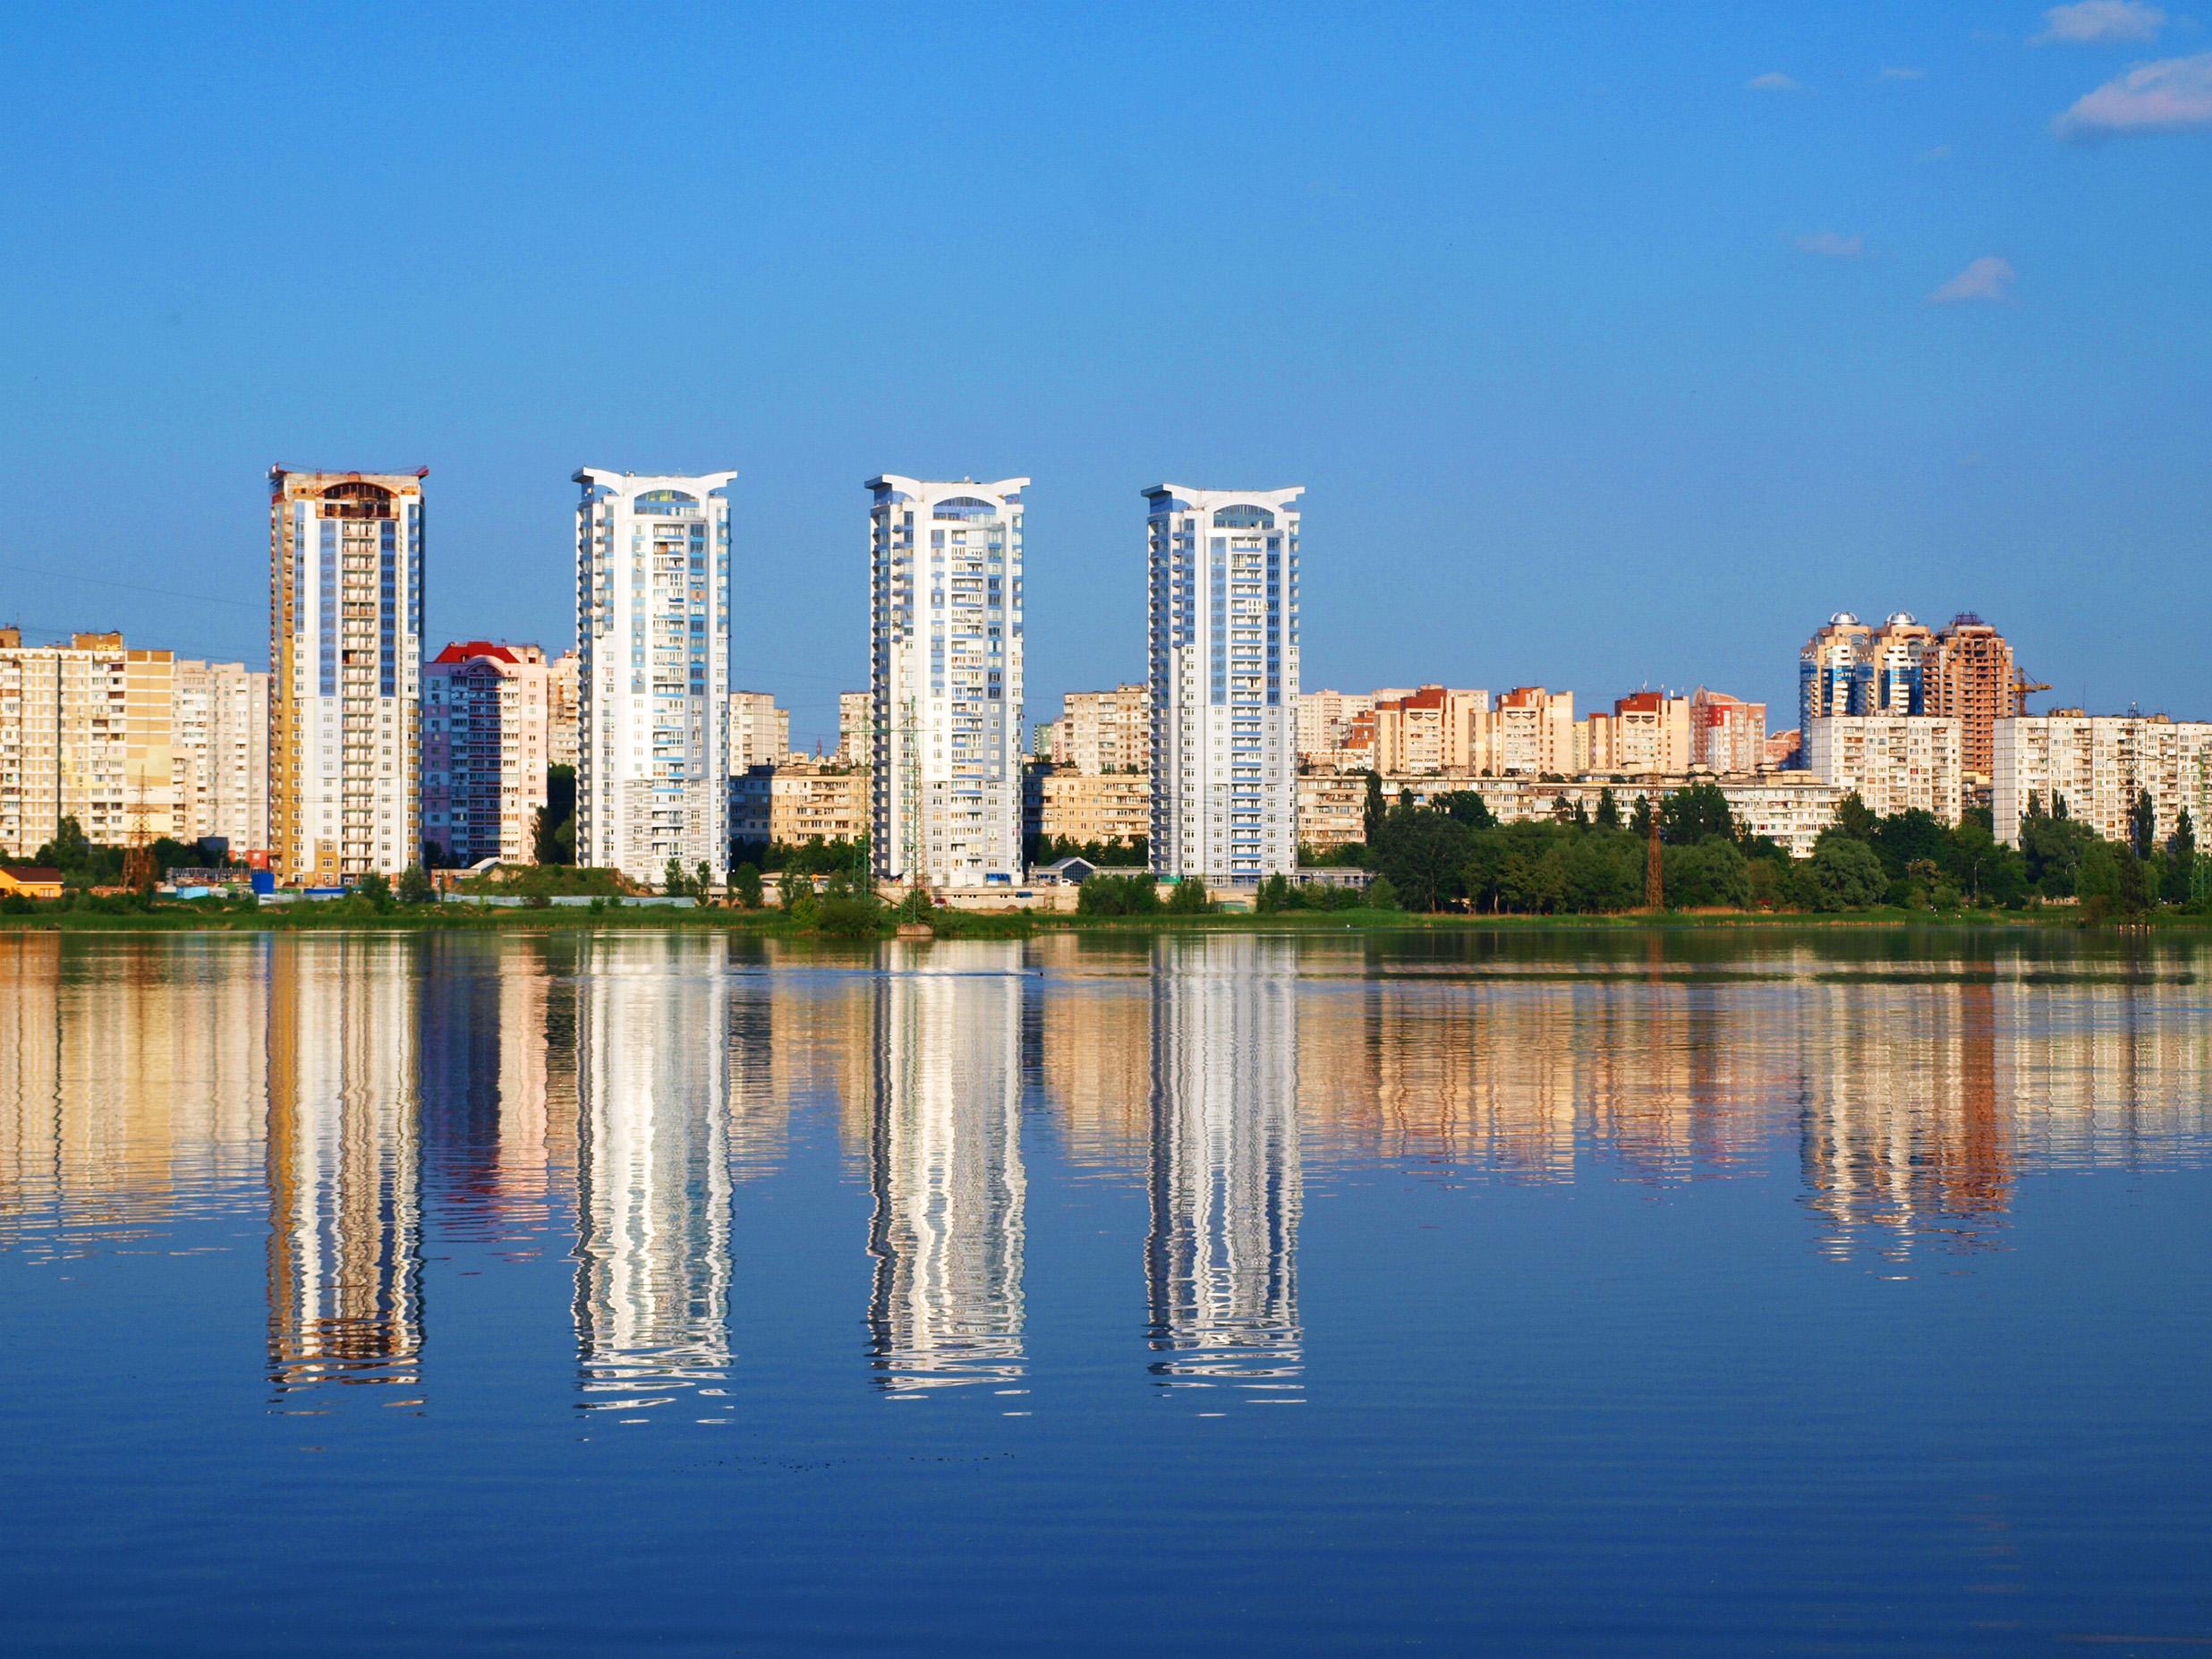 Bilychi_on_Sviatoshyn_lake.jpg